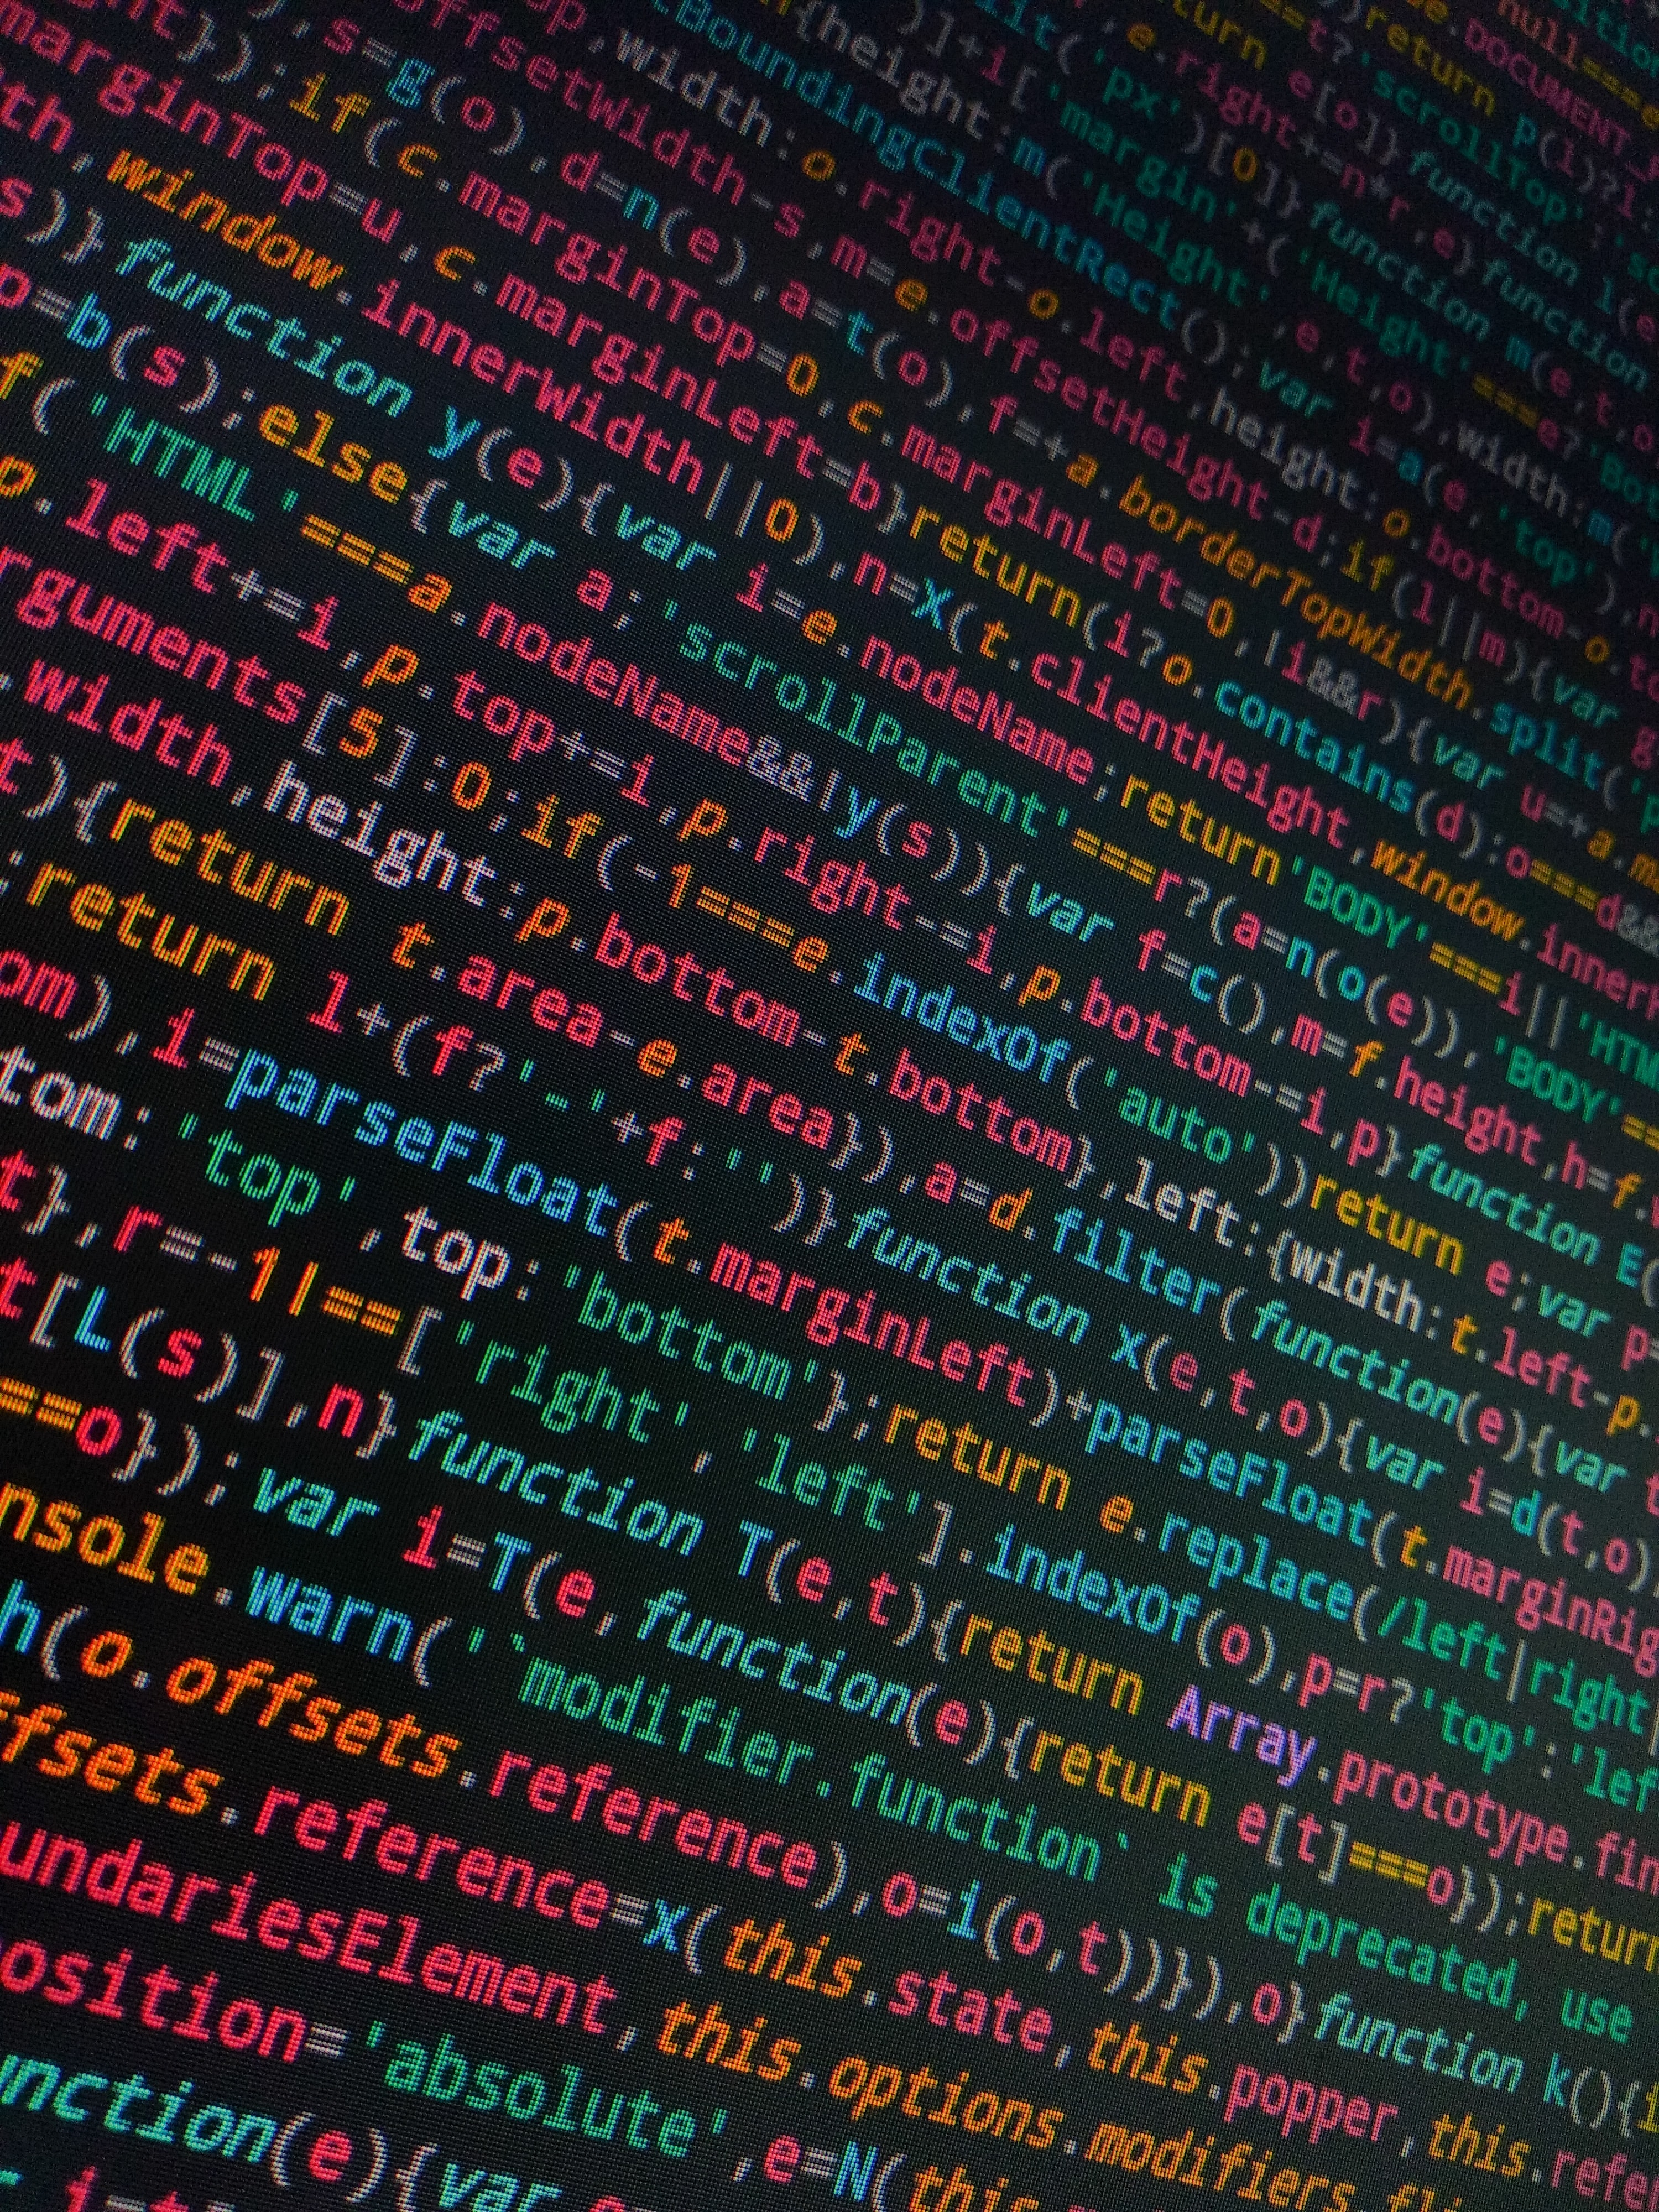 59866 Hintergrundbild herunterladen Der Code, Code, Symbole, Zeichen, Programmierung, Die Wörter, Wörter, Mehrfarbig, Motley, Bildschirm - Bildschirmschoner und Bilder kostenlos